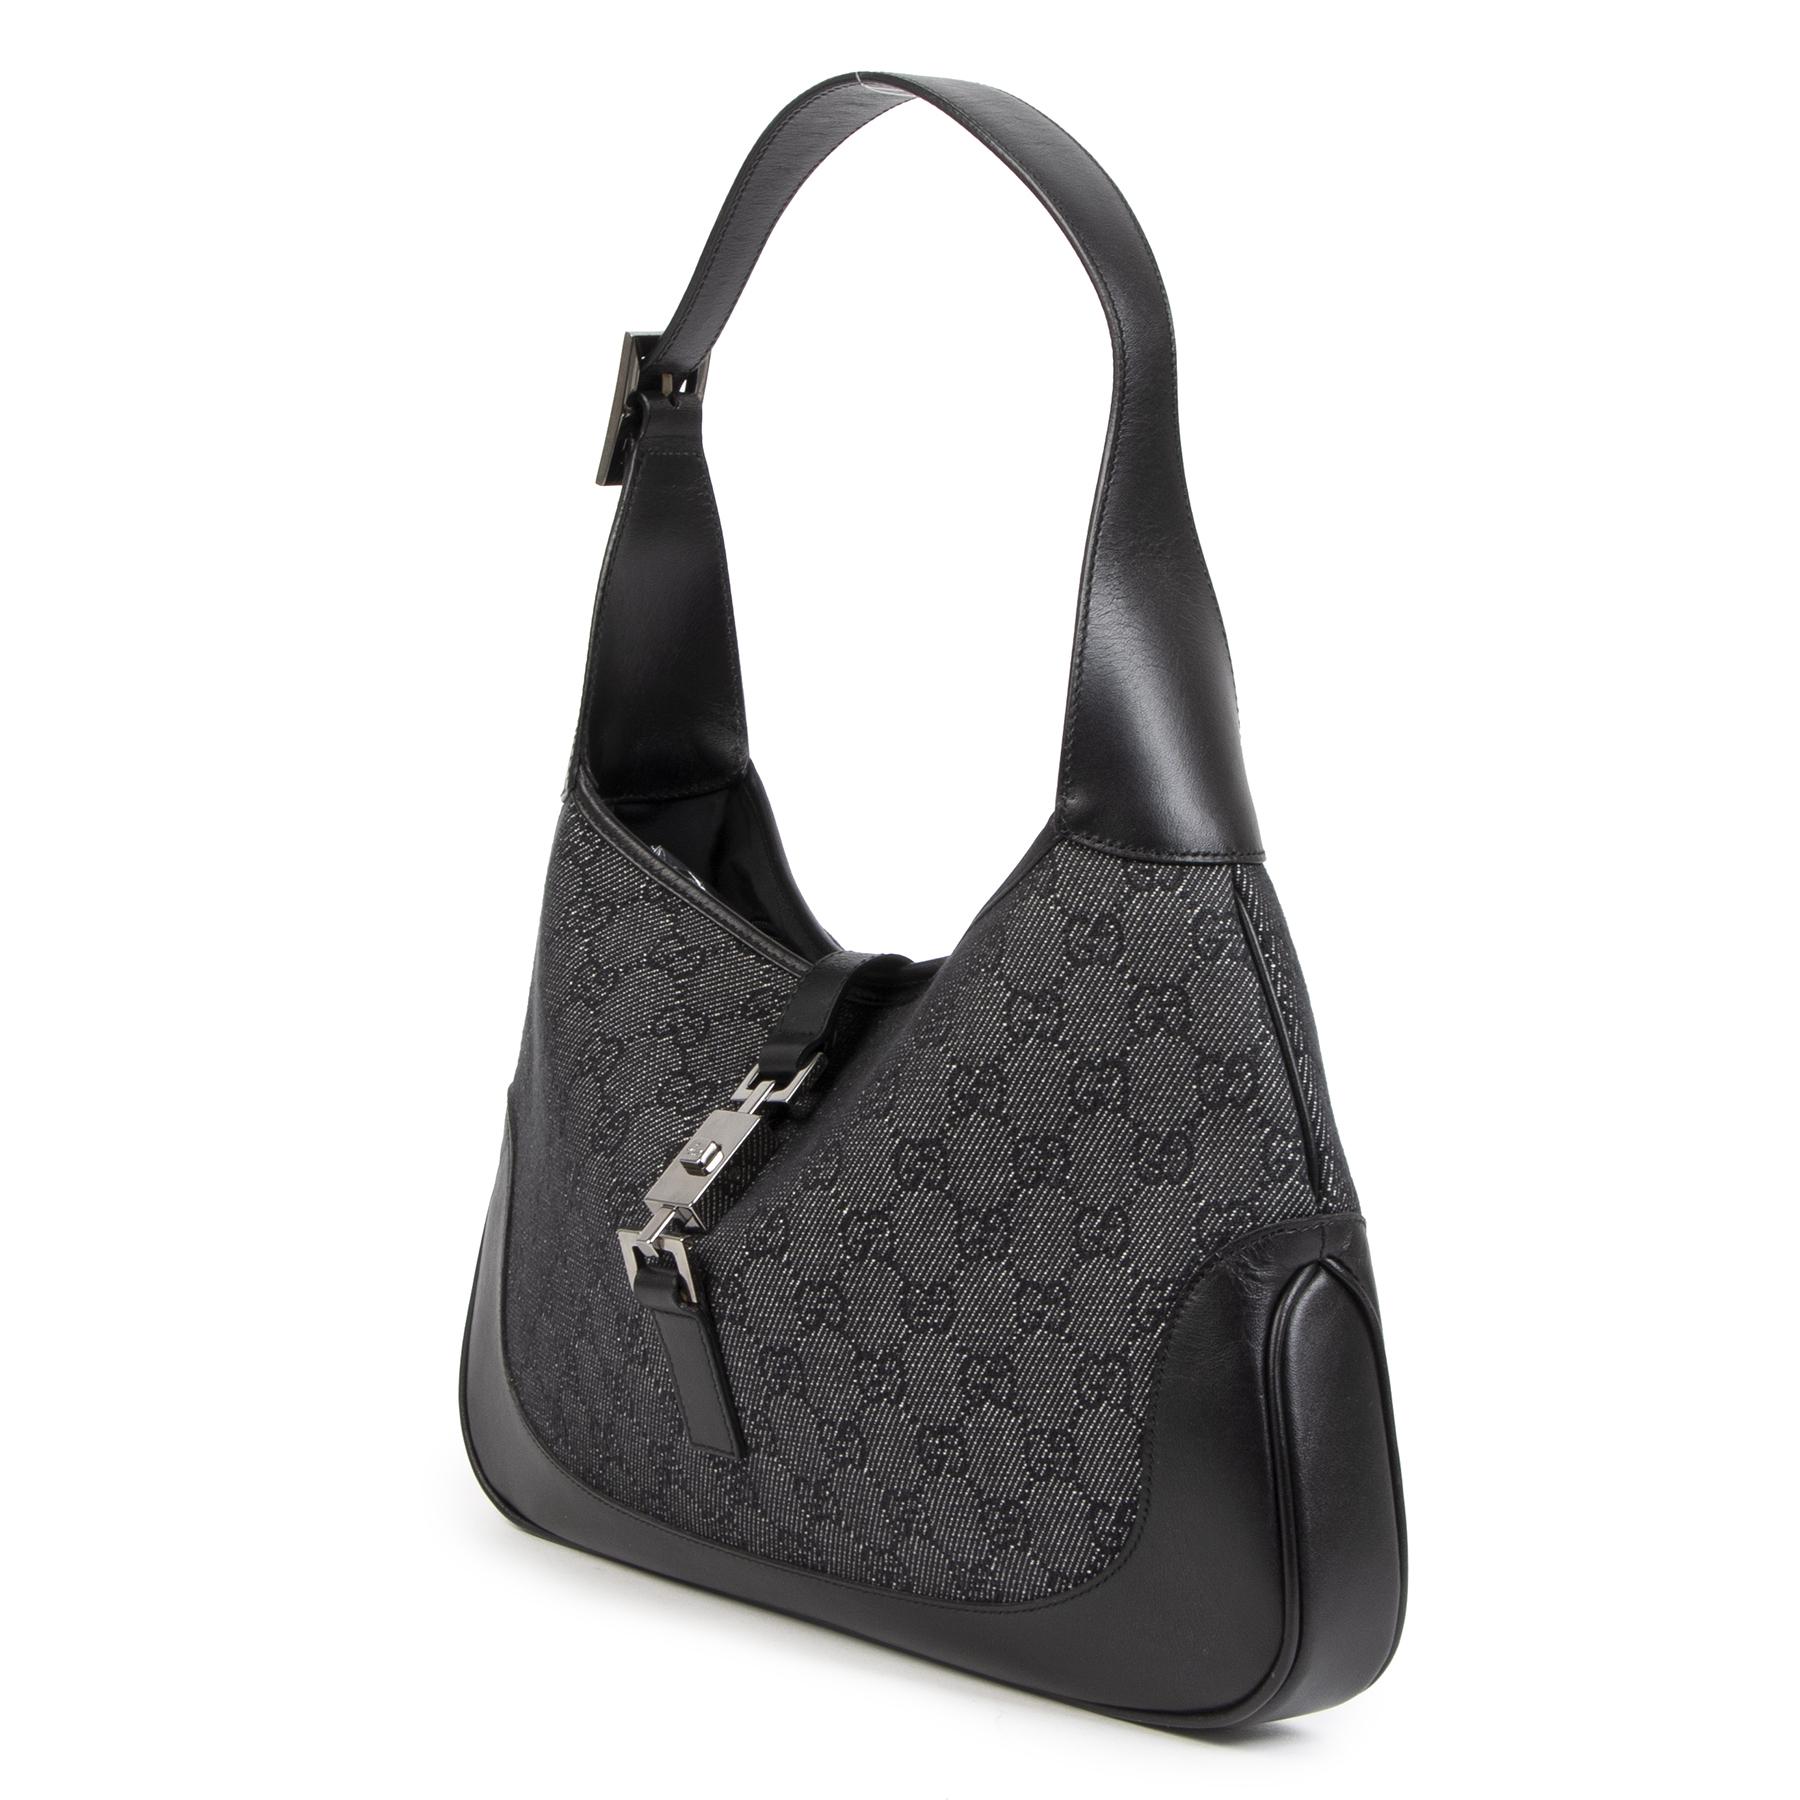 Authentieke Tweedehands Gucci Jackie Black Gg Monogram Canvas Leather Shoulder Bag juiste prijs veilig online shoppen luxe merken webshop winkelen Antwerpen België mode fashion